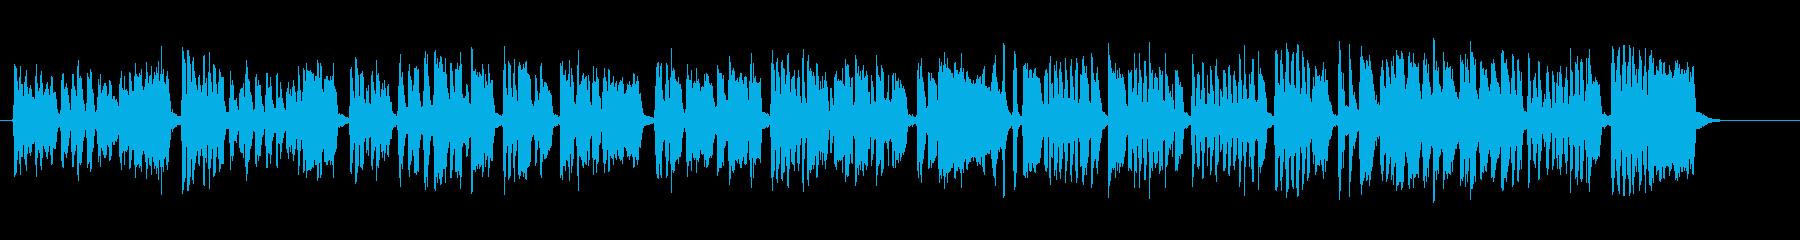 元気で明るいシンプルな合唱団コーラスの再生済みの波形